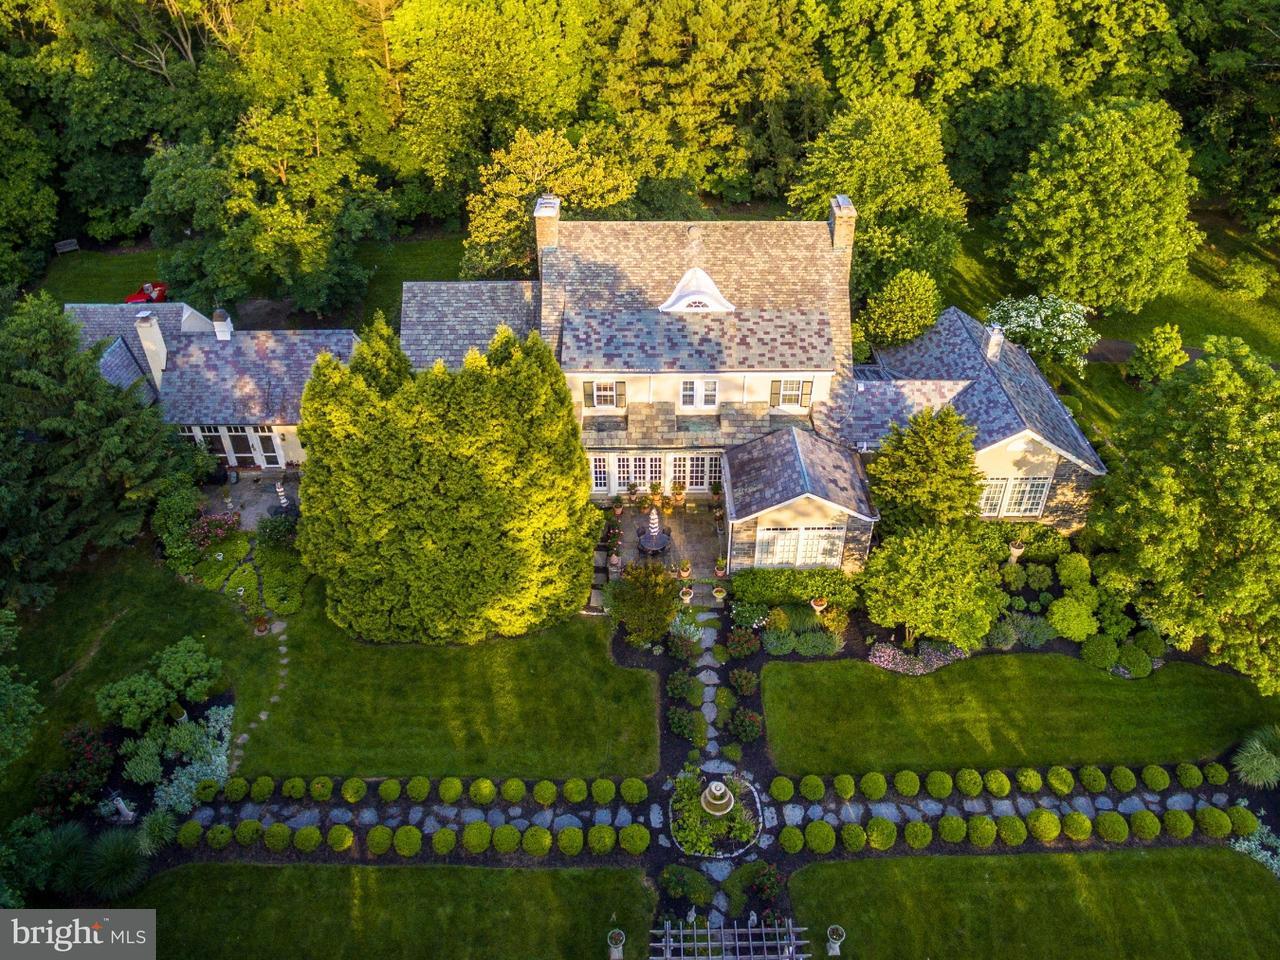 独户住宅 为 销售 在 1740 MEADOWBROOK Road 梅多布鲁克, 宾夕法尼亚州 19001 美国